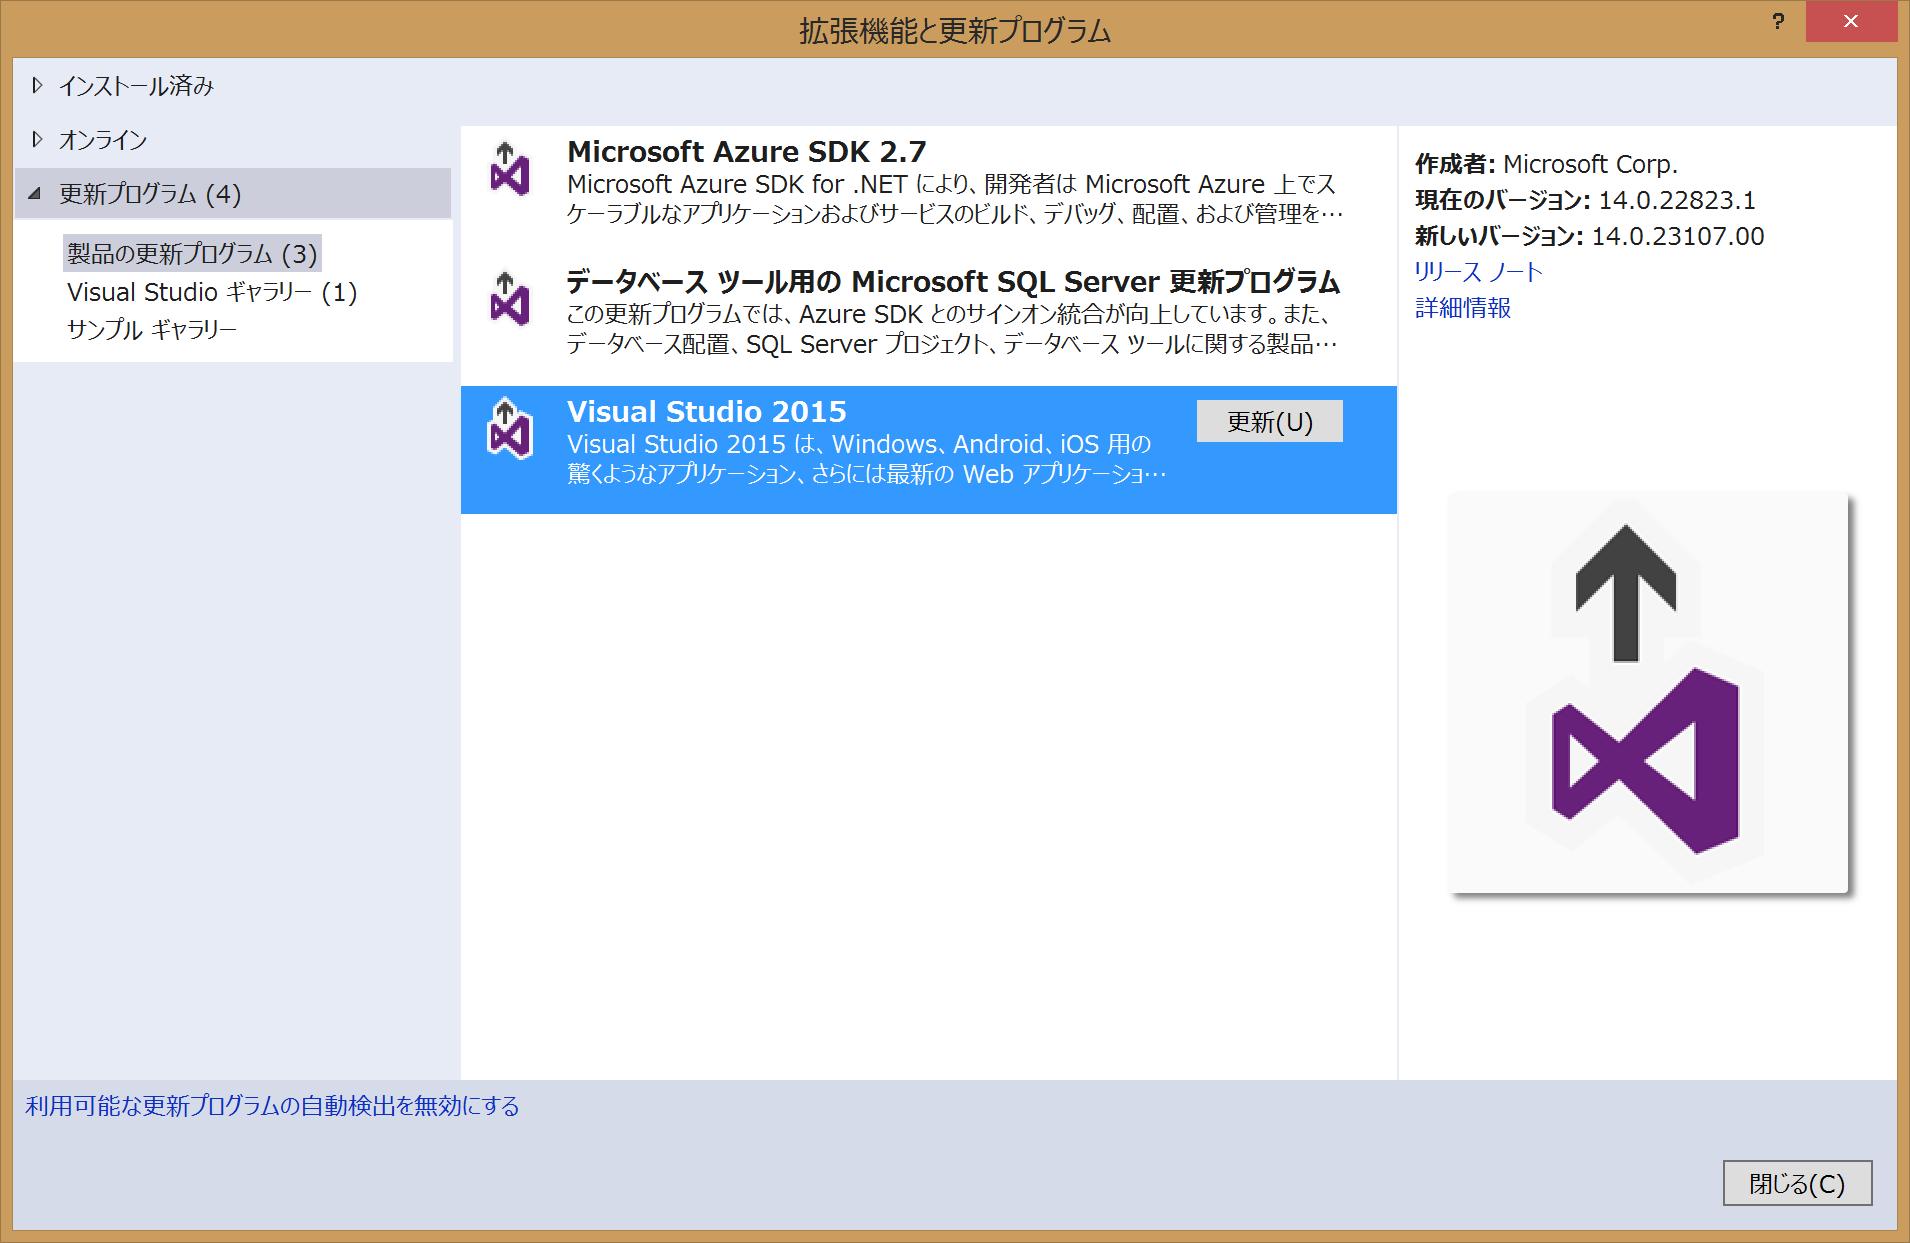 Visual Studio 2015 を選択して「更新」